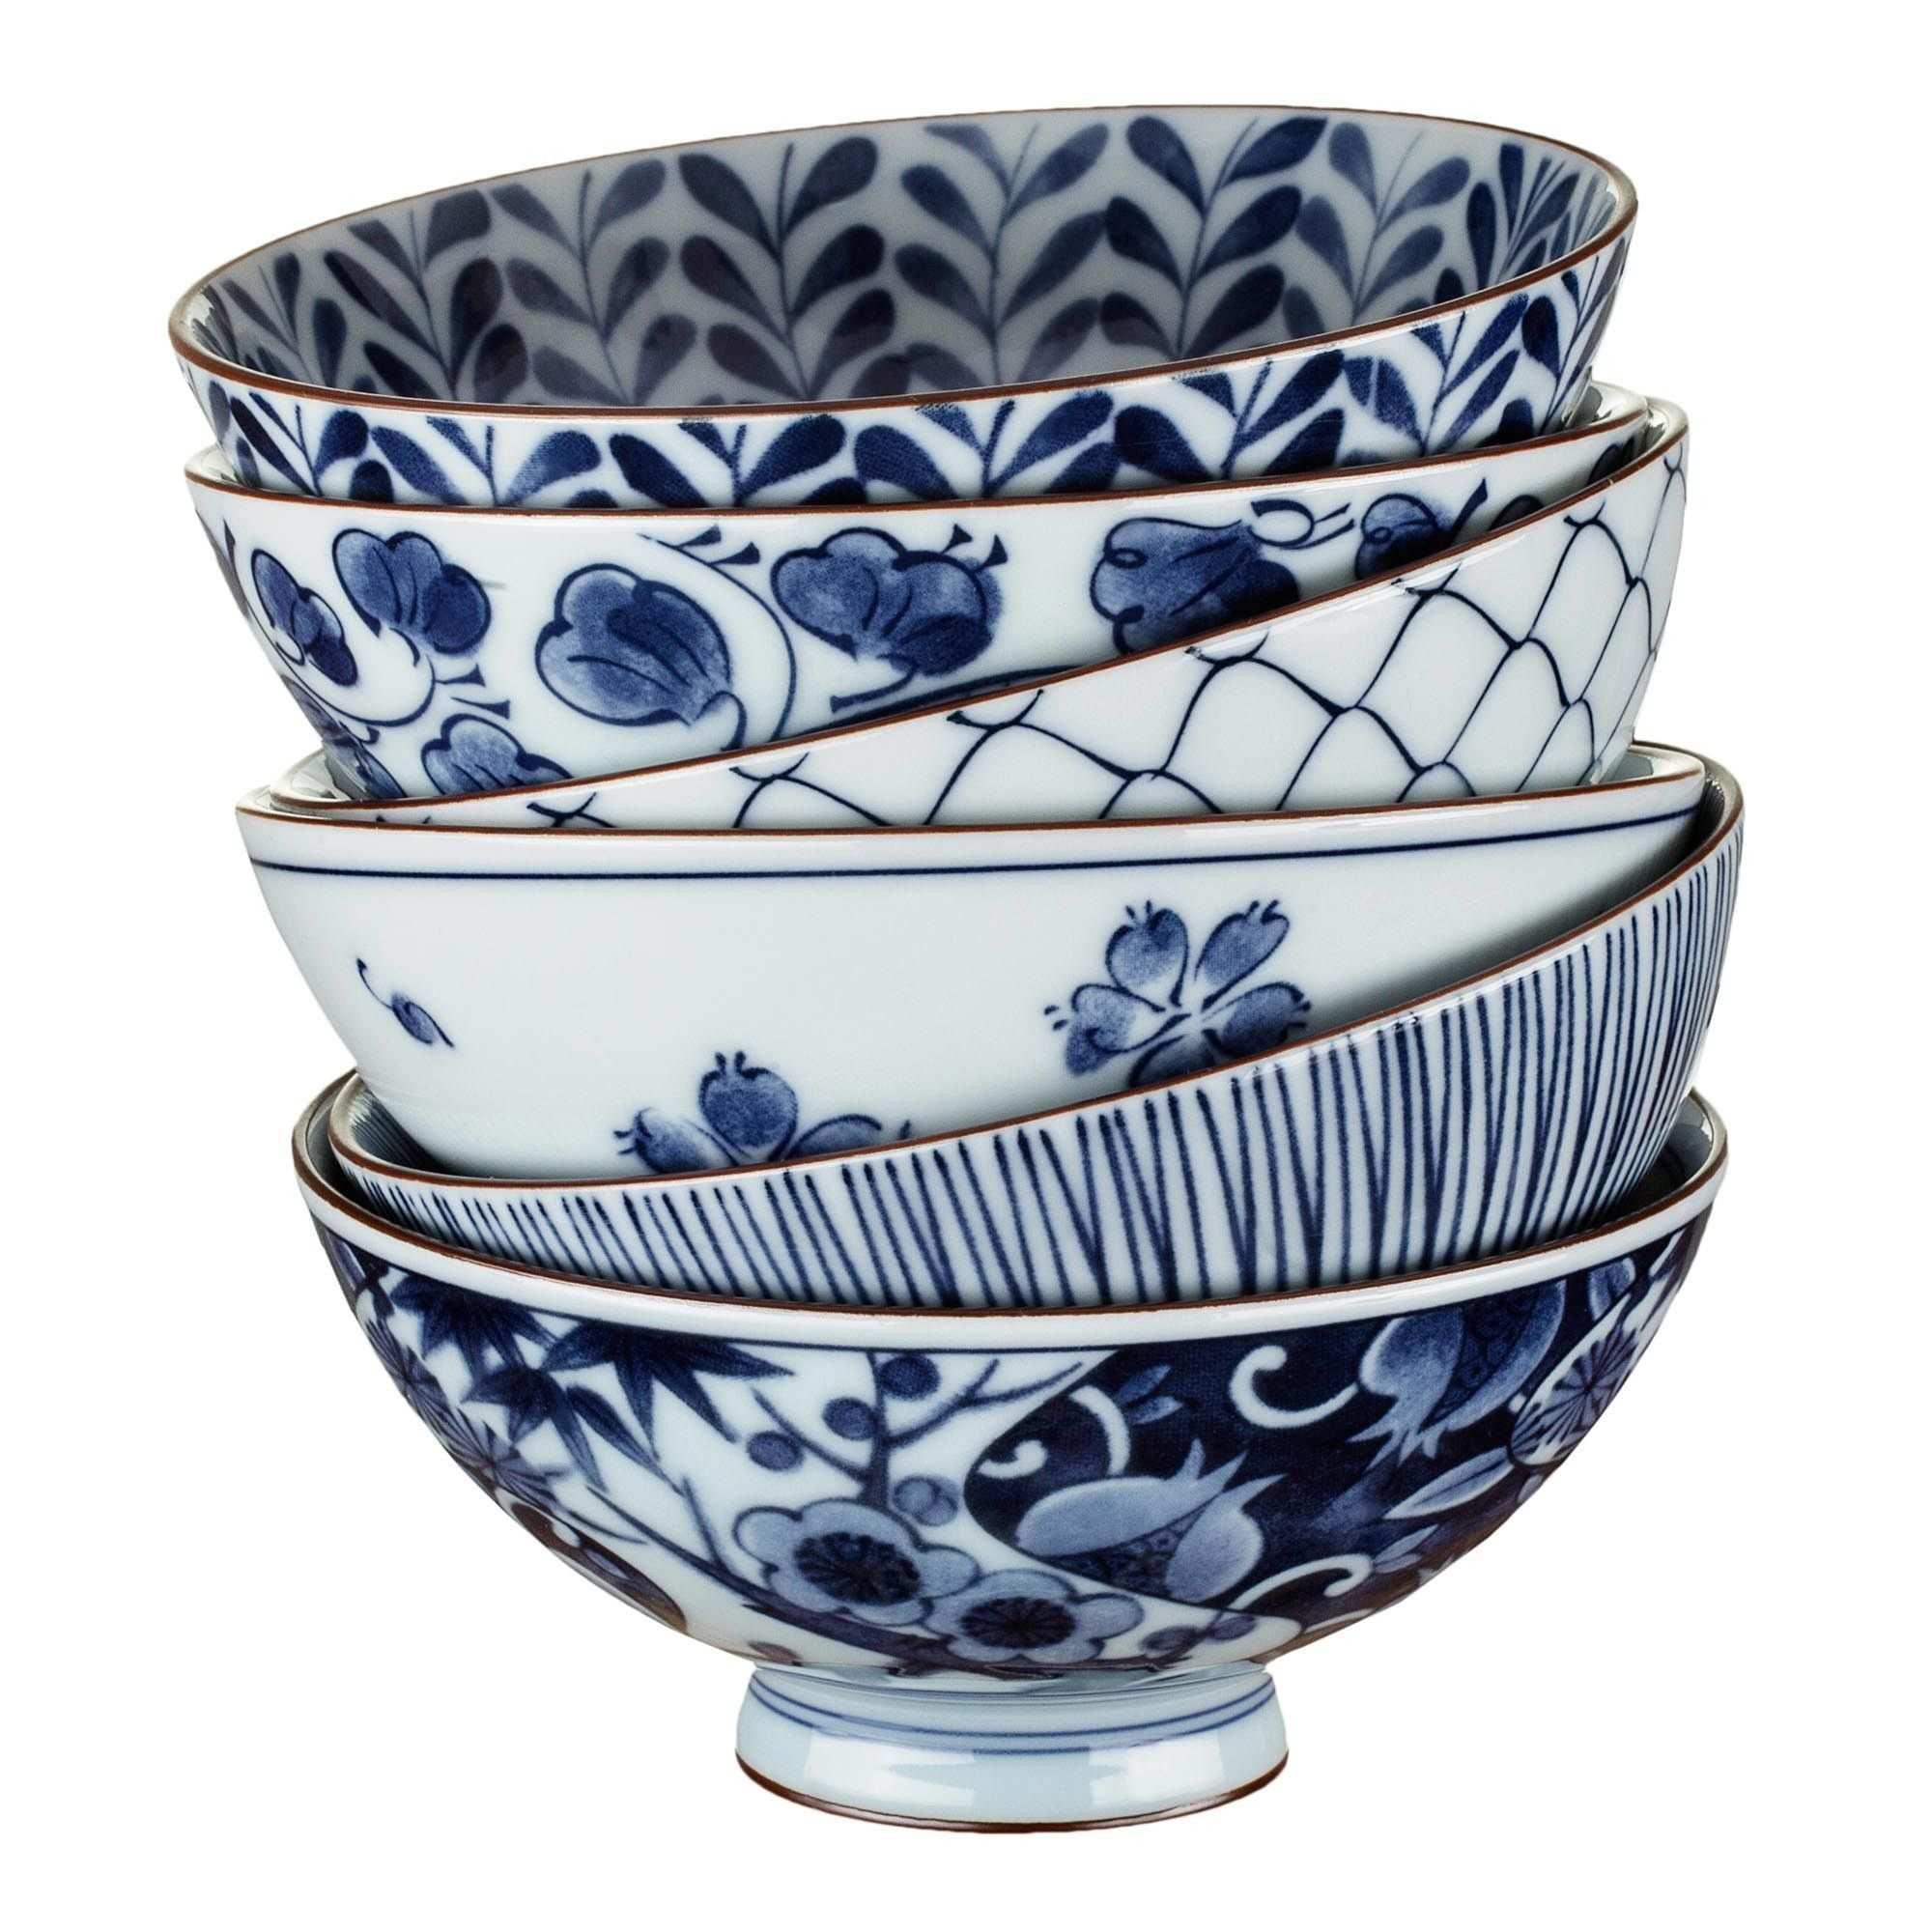 Von Unseren Partnern In Japan Aus 100 Keramik Gefertigt Begeistert Unser Schalen Set Onuma Im Japanischen Design Im Abwec Urbanara Japanische Muster Keramik